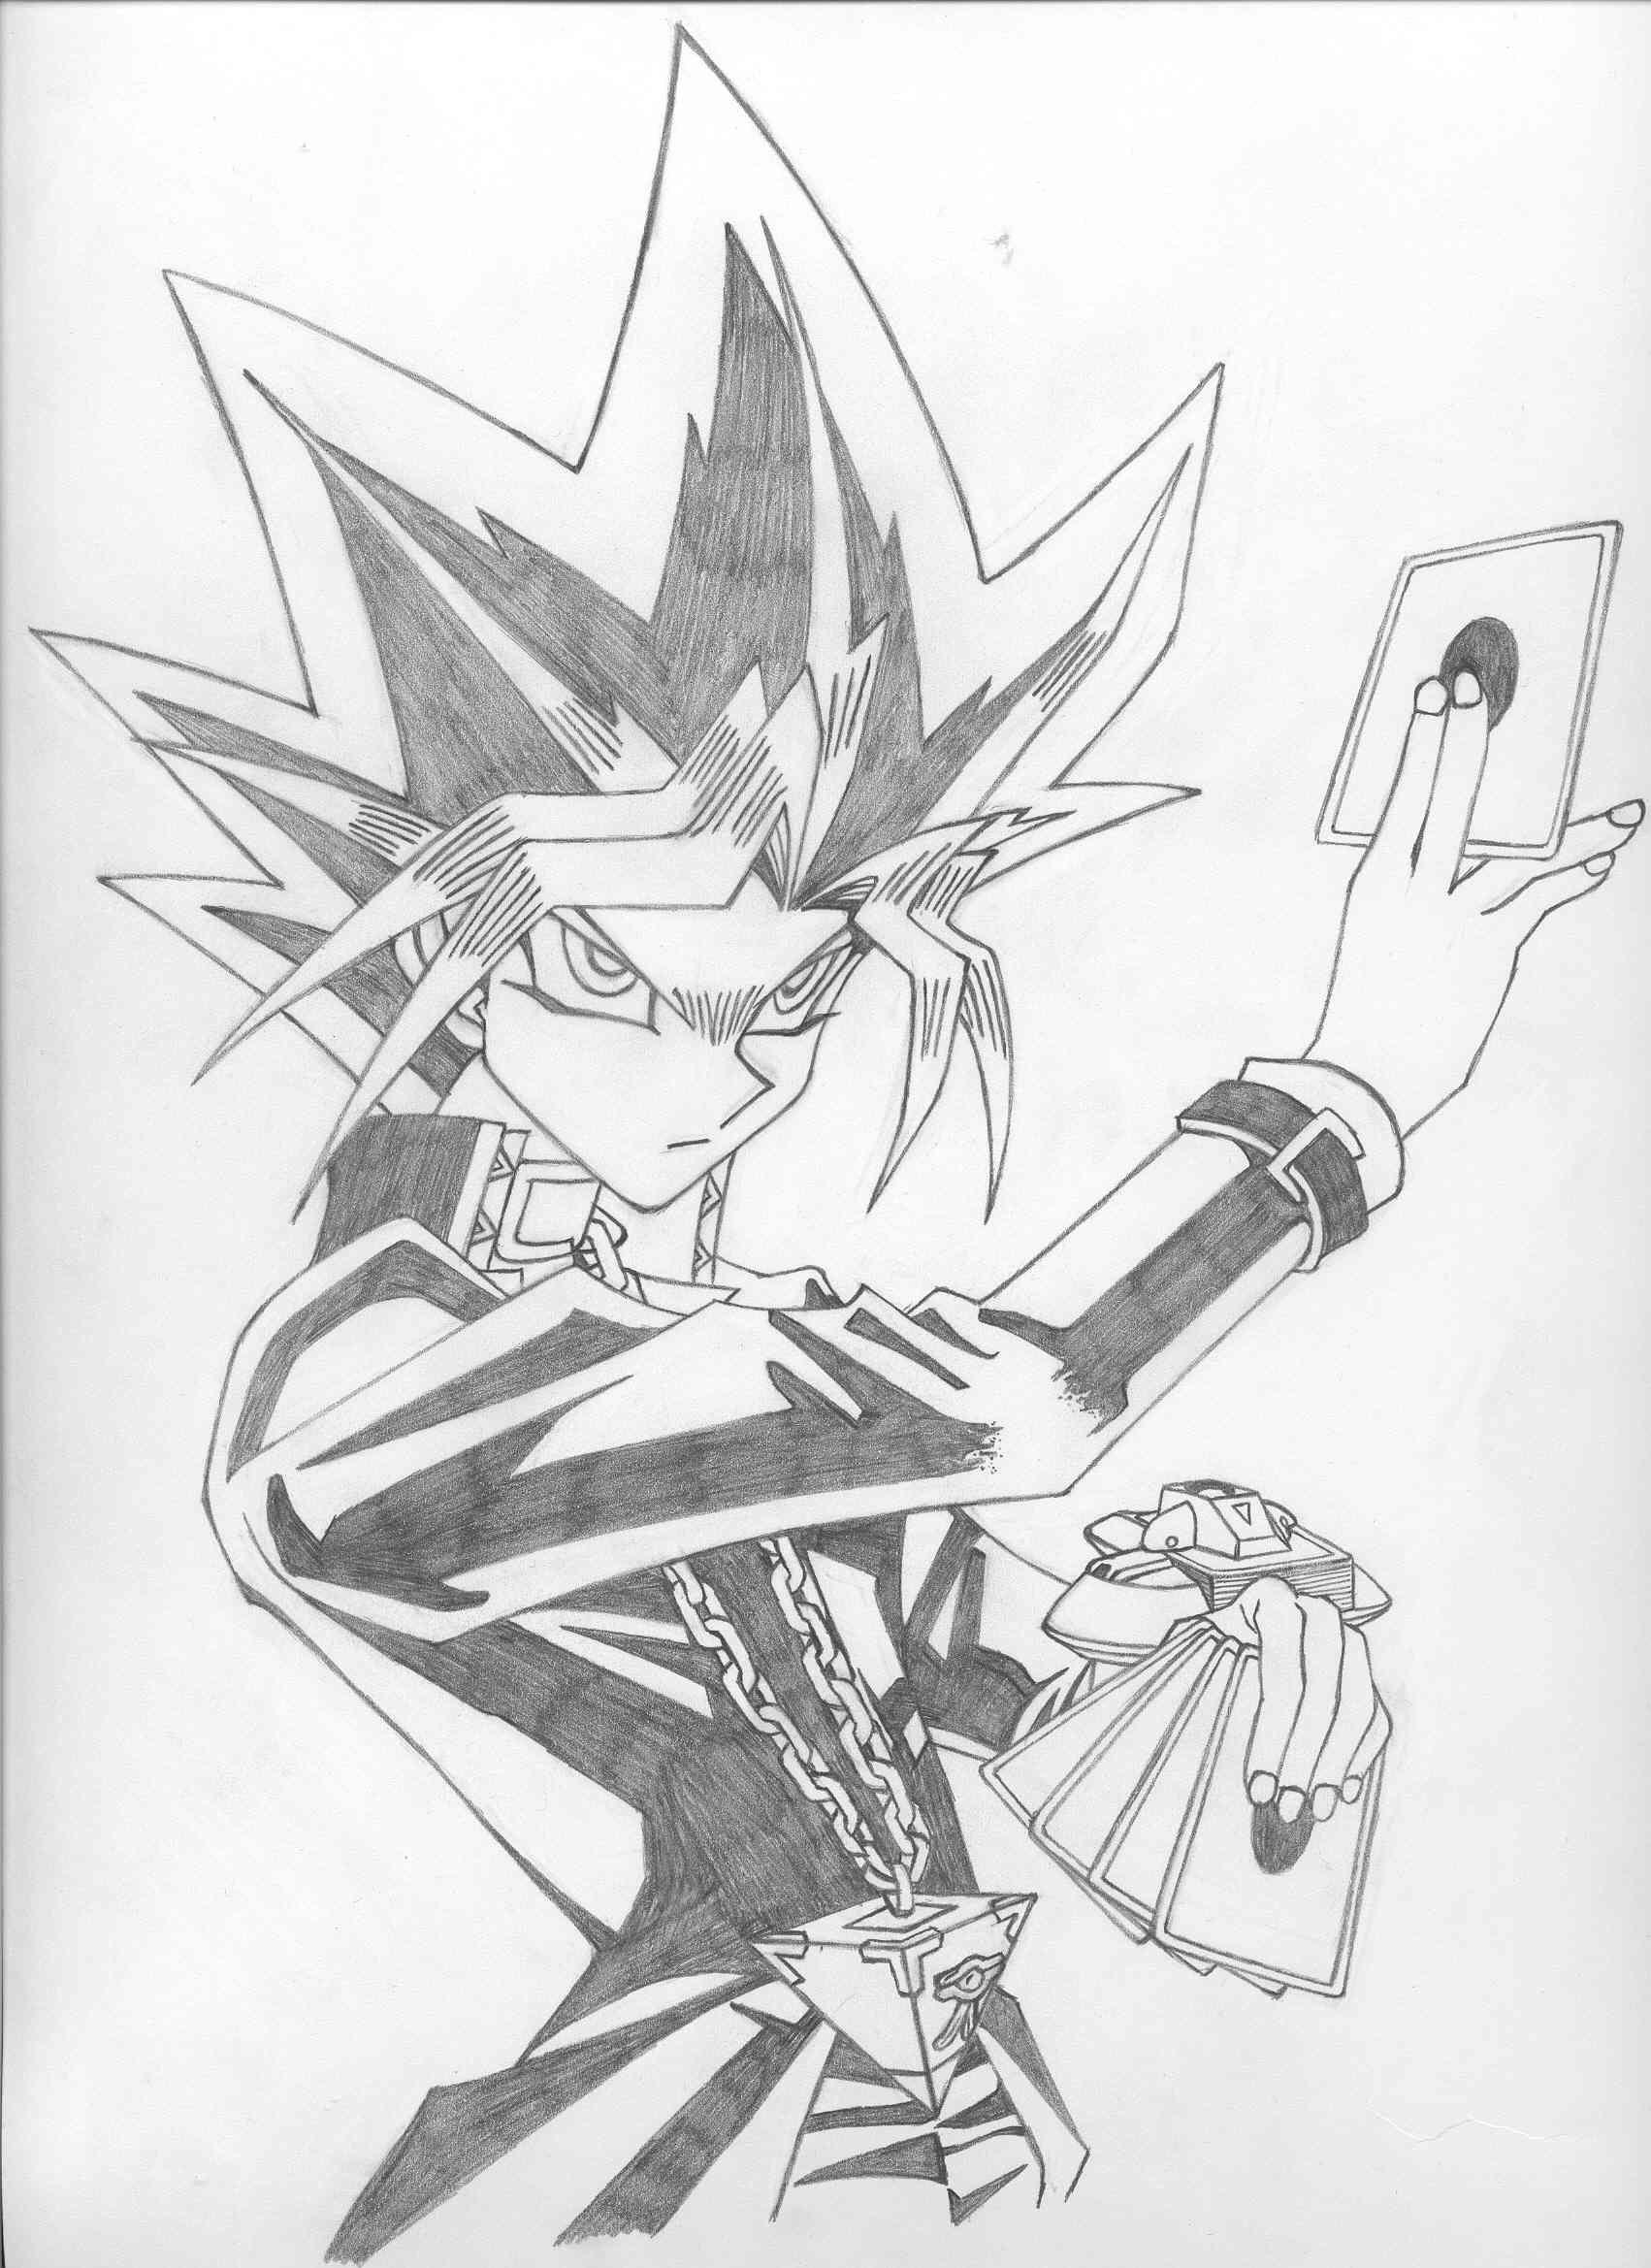 Yami Yugi | Pokemon coloring pages, Drawings, Anime drawings